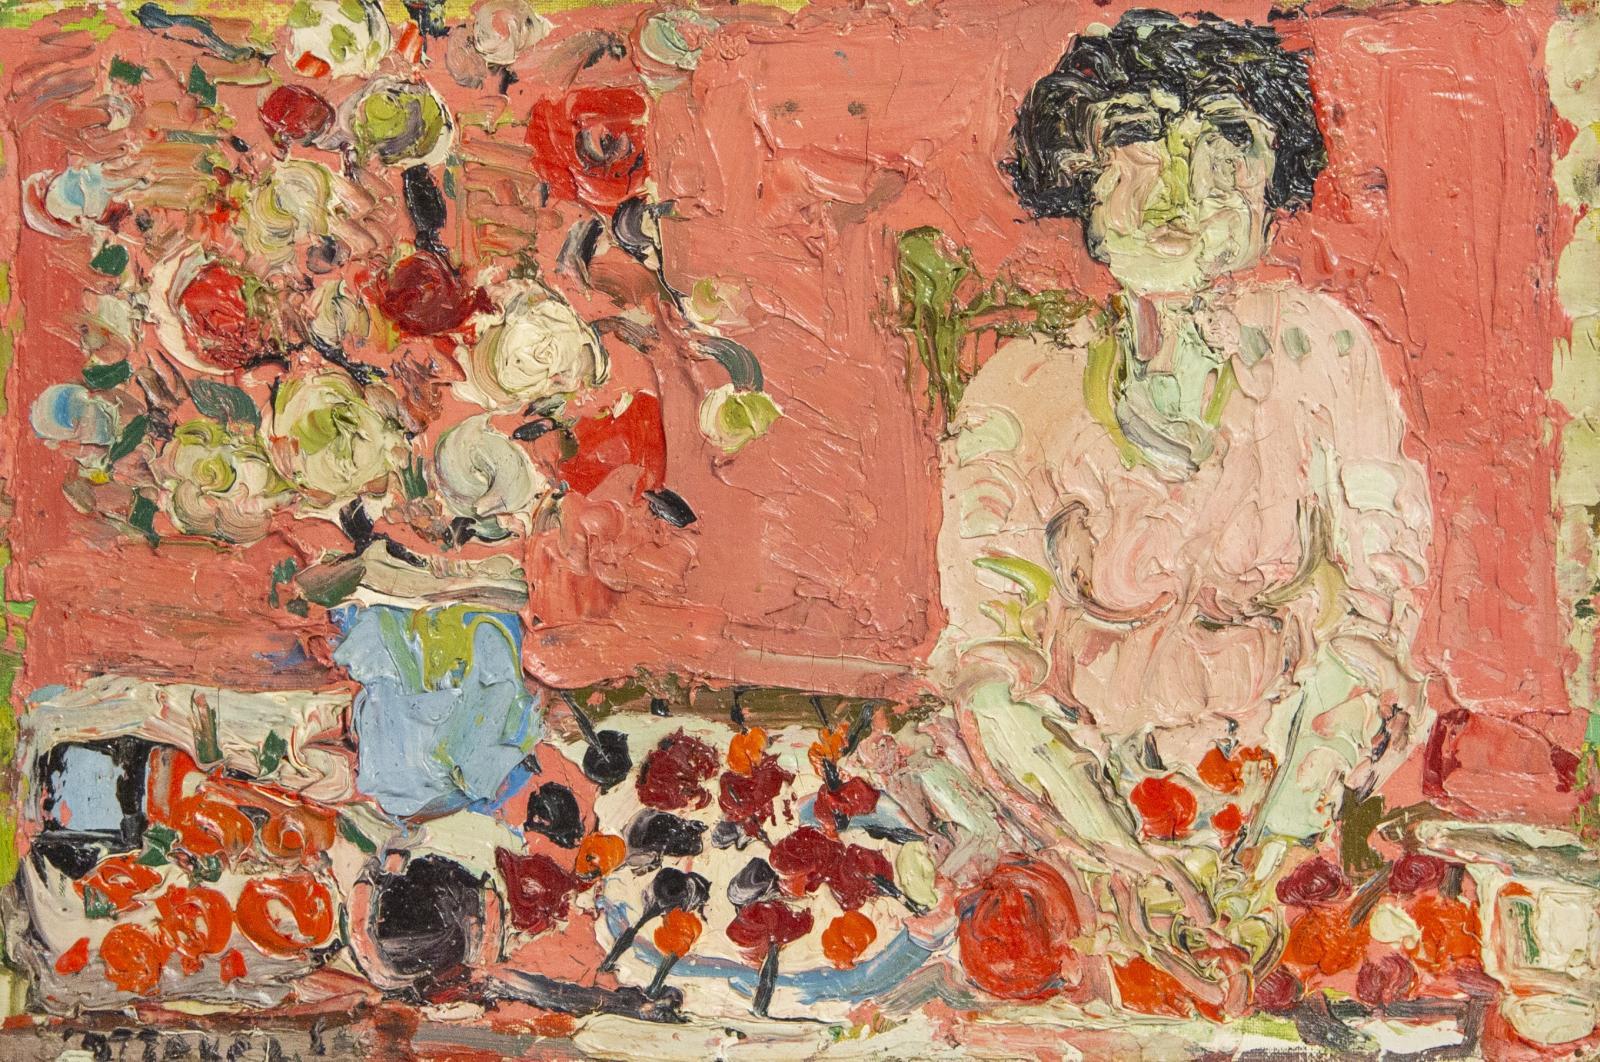 Simone et Les Fleurs